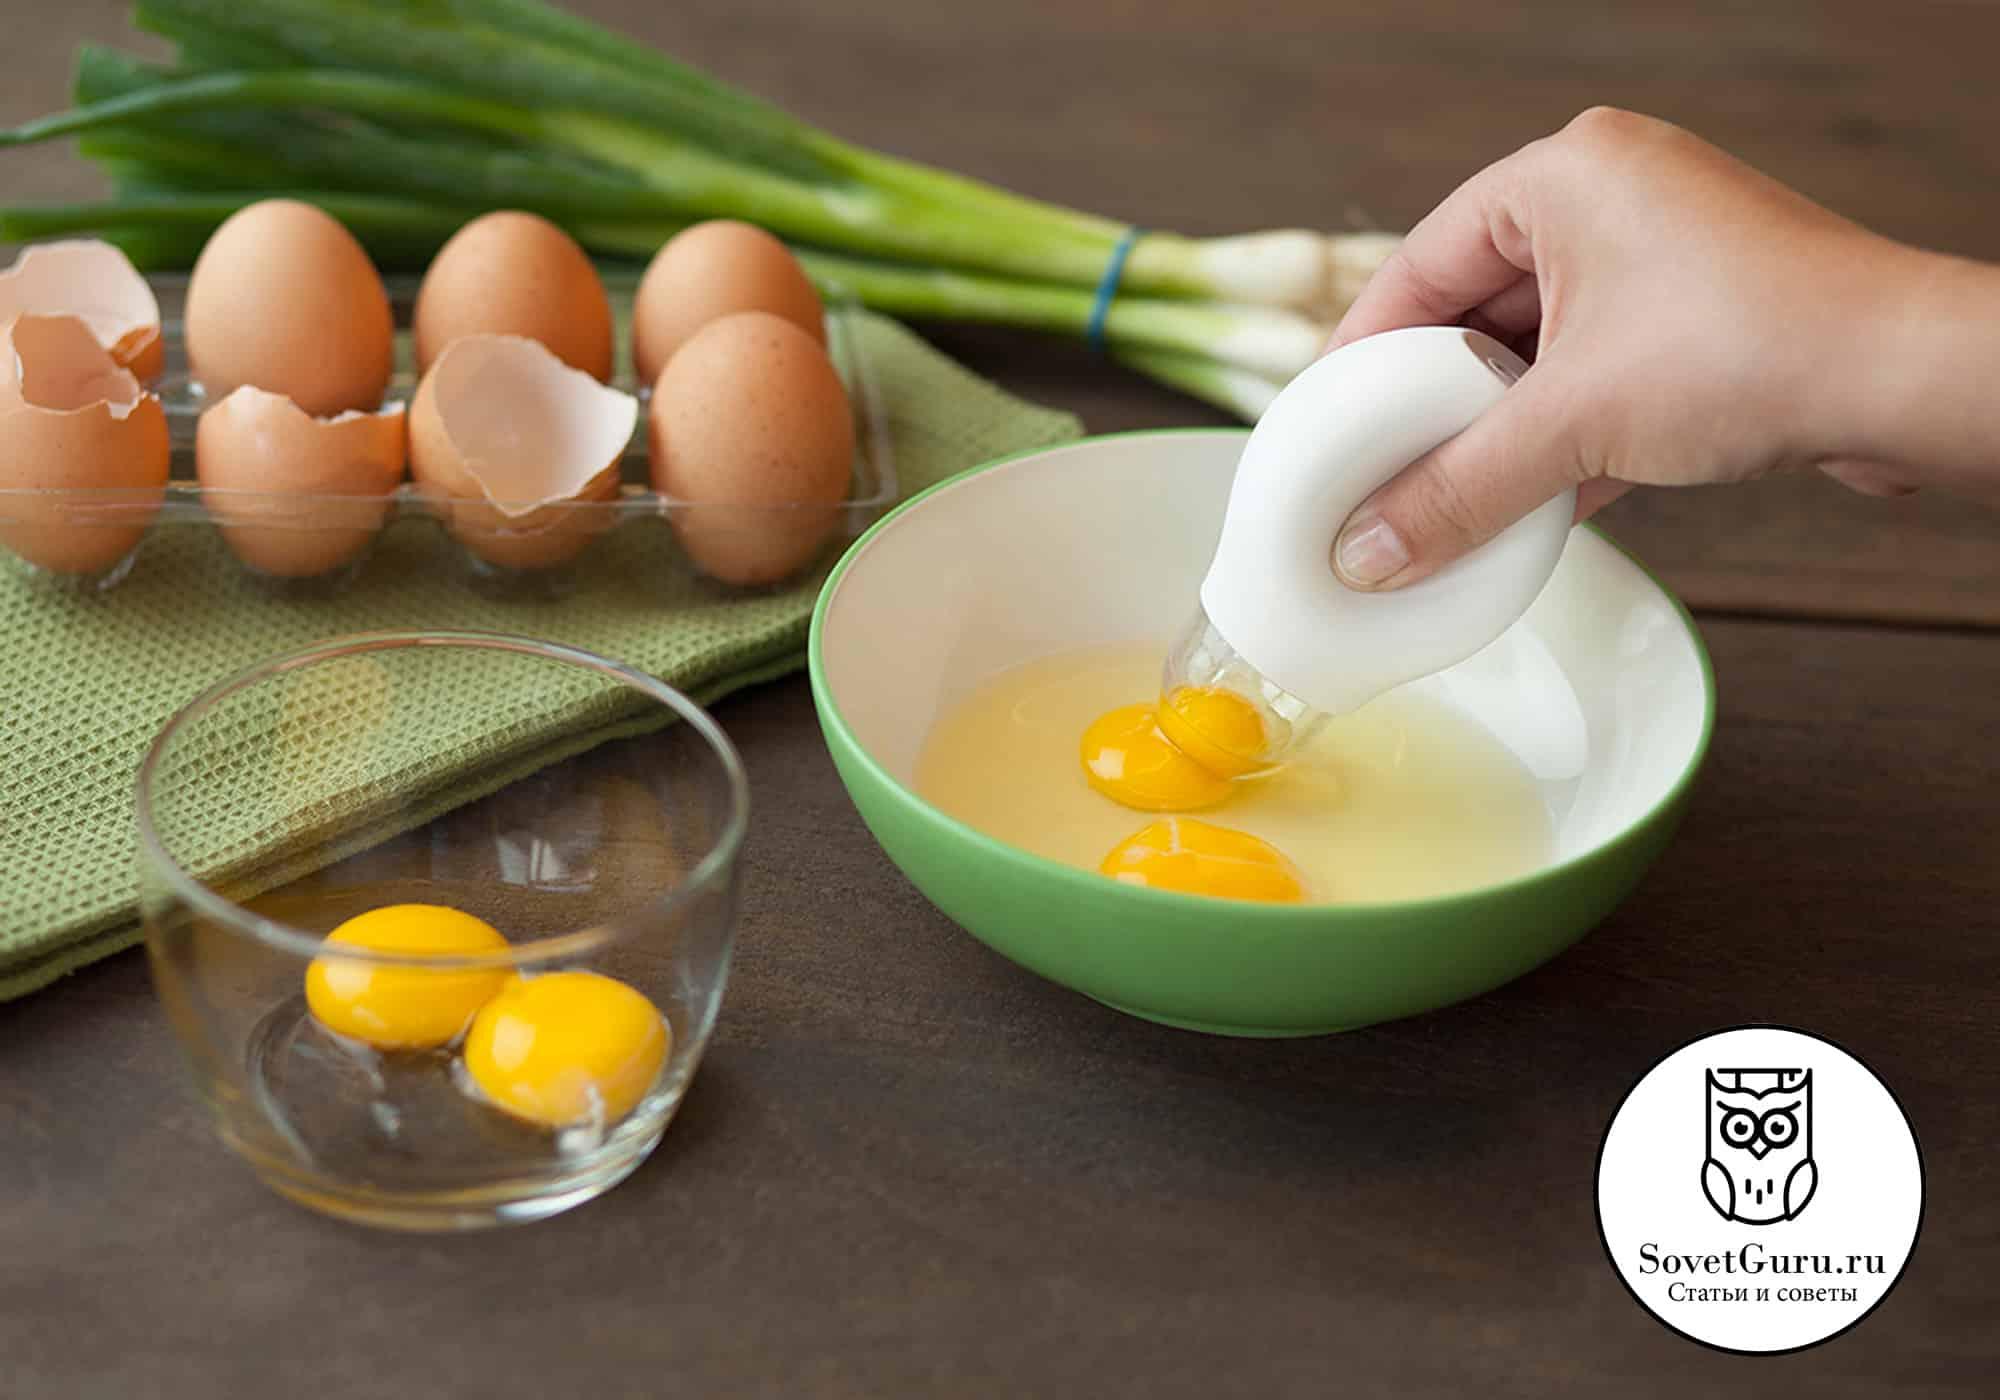 Силиконовая груша | Как отделить желток яйца от белка: более 15 способов и приспособлений